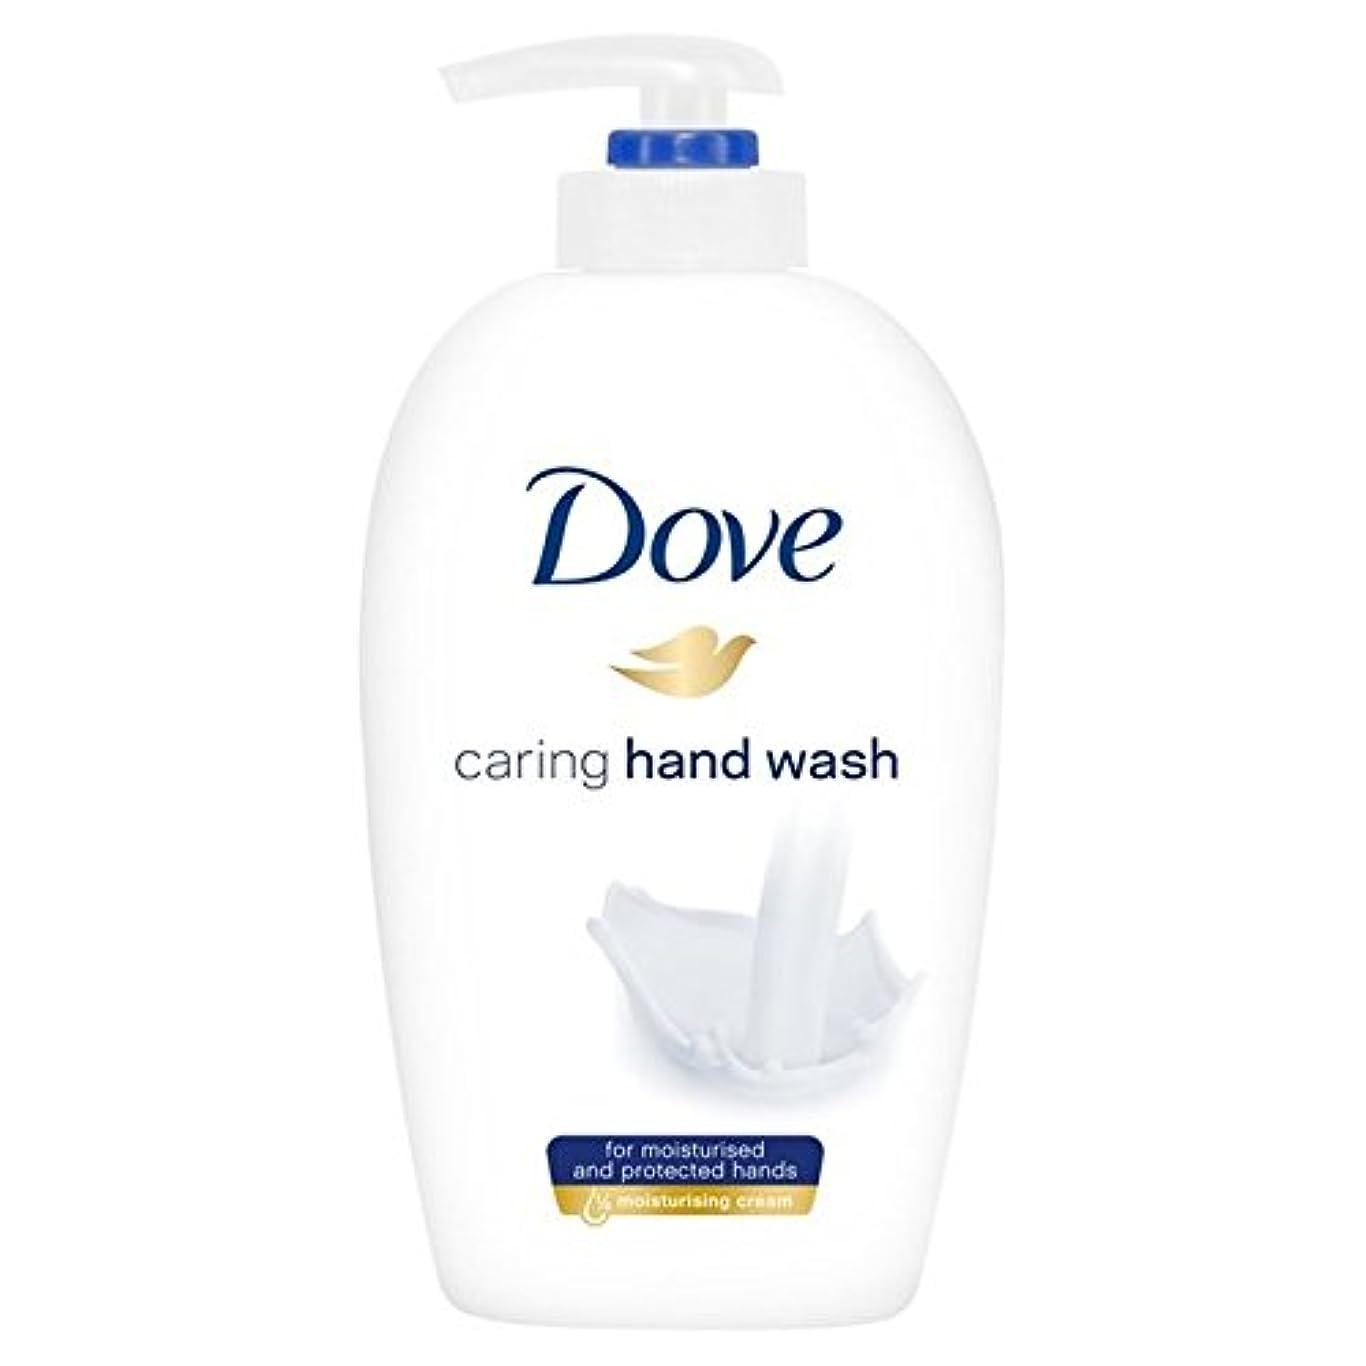 生き物パーク備品鳩思いやり手洗い250ミリリットル x4 - Dove Caring Hand Wash 250ml (Pack of 4) [並行輸入品]